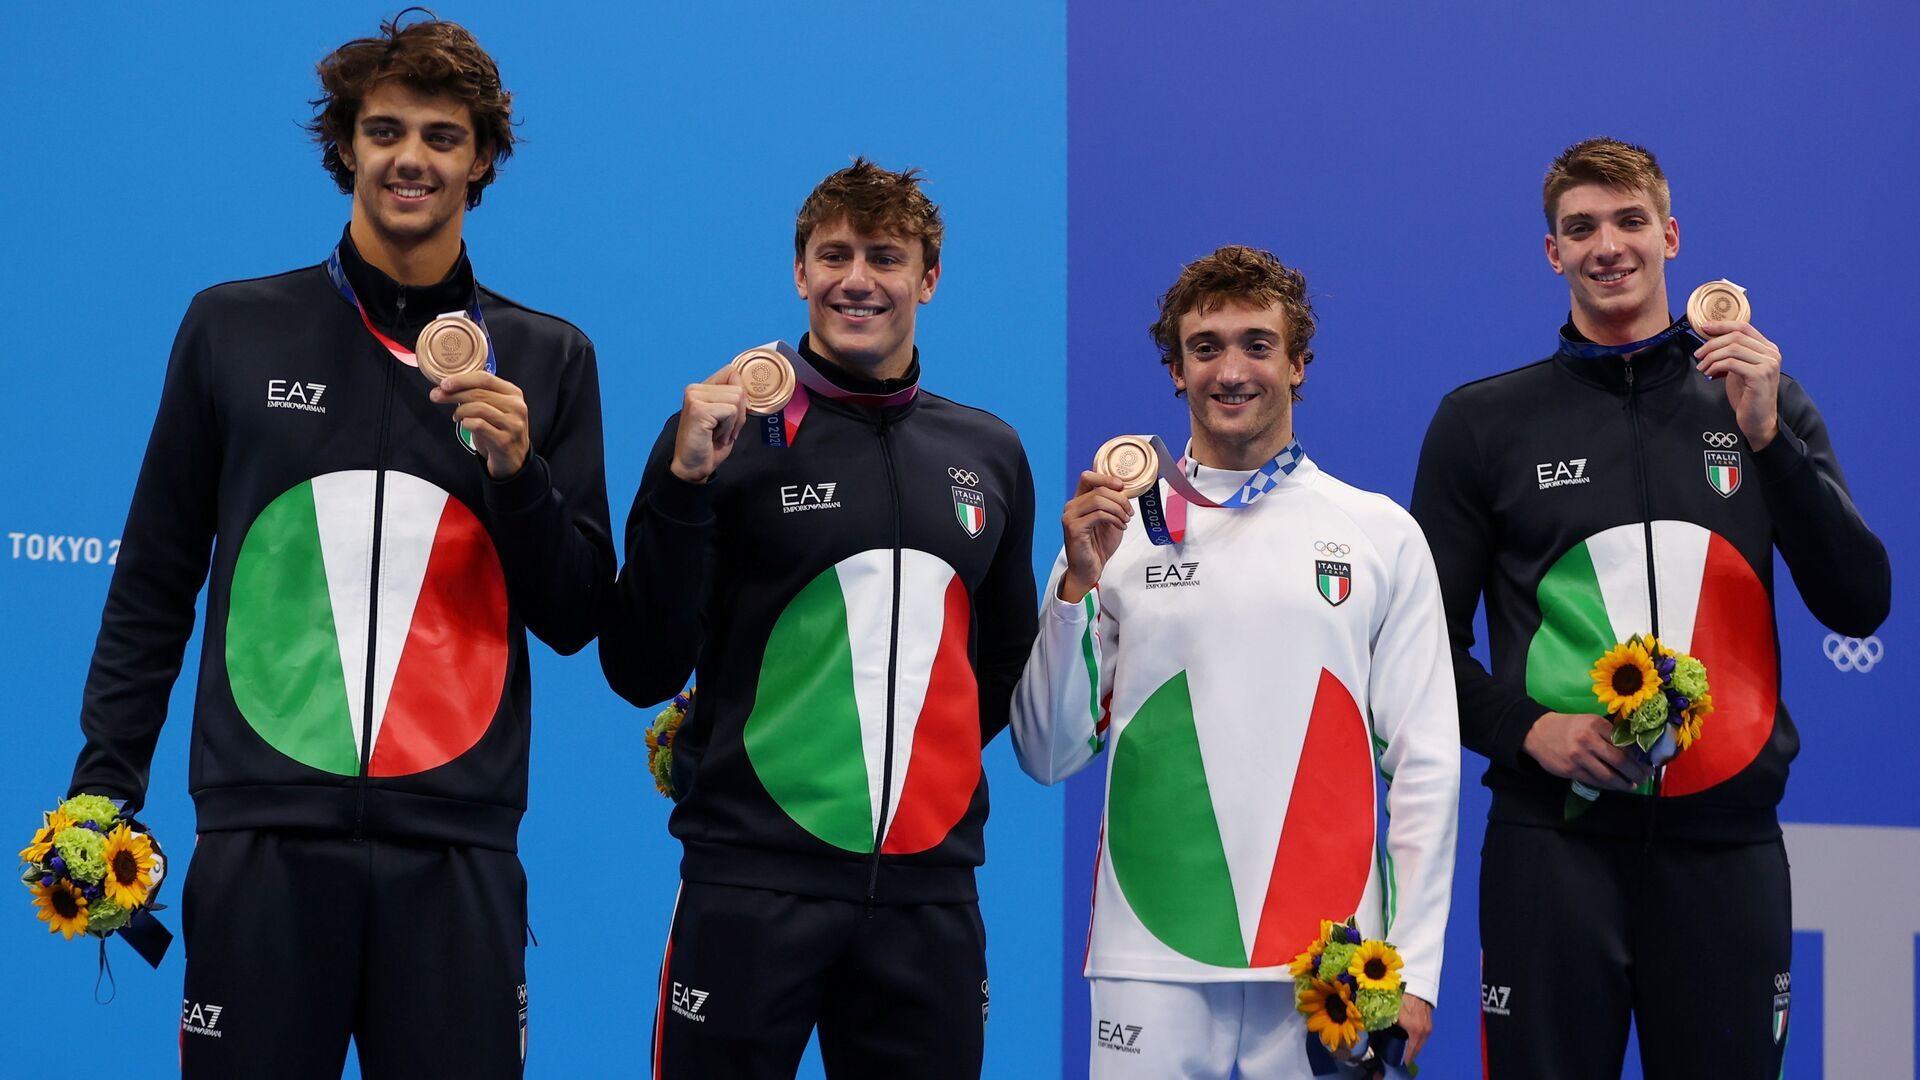 Tokyo 2020, nel nuoto 4x100 mista maschile è bronzo: storico  - Sputnik Italia, 1920, 01.08.2021